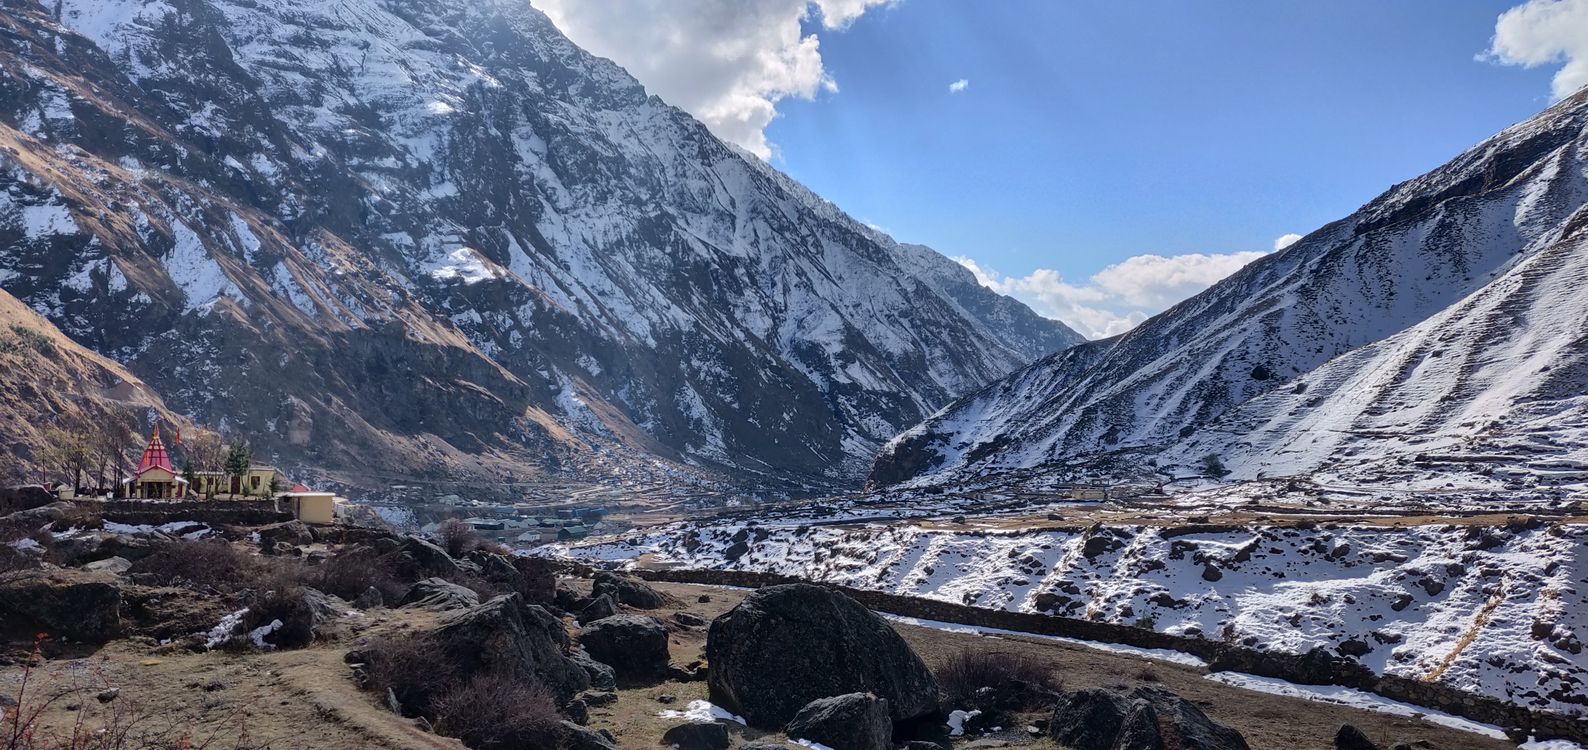 Обои снег, холм, горные рельефы, гора, геологическое явление, нагорье, горный хребет, морен, небо, природный ландшафт, пустыня, долина, гребень, ледниковый рельеф, упал на телефон | картинки пейзажи